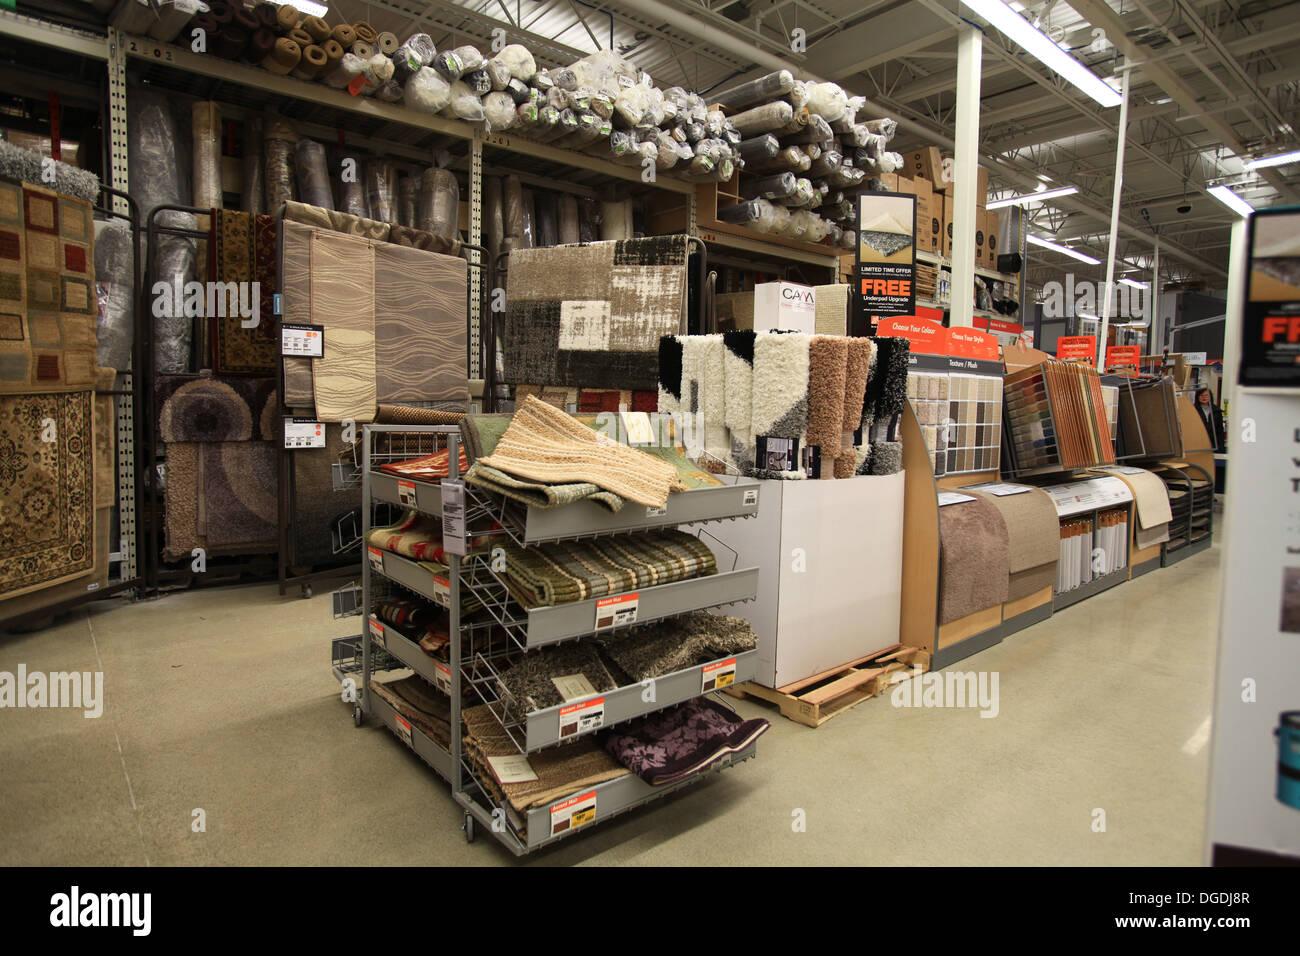 fuboden teppich und teppich muster auf dem display in the home depot kitchener ontario kanada - Muster Depot